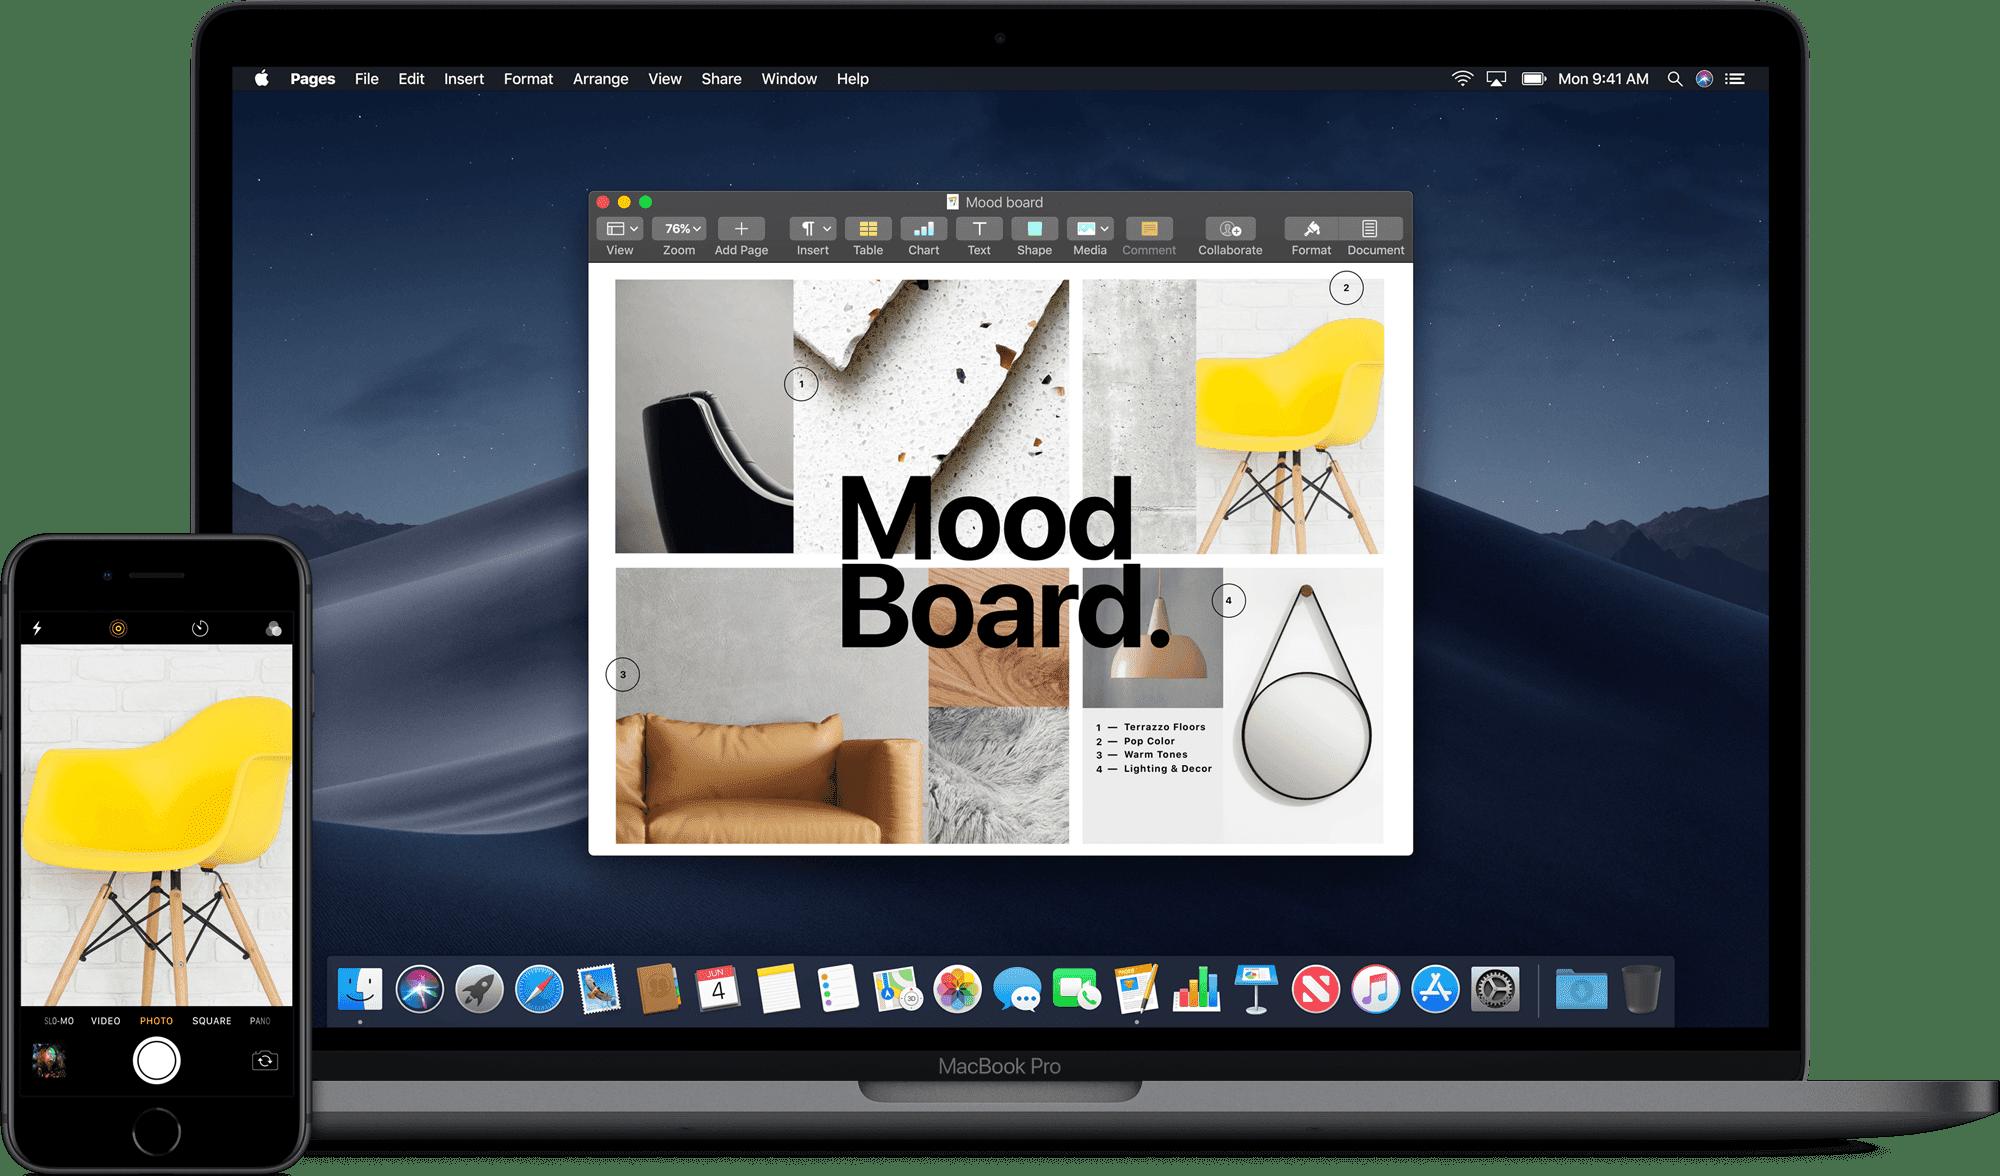 macos mojave macbook iphone - Apple uvoľnil beta verziu macOS Mojave 10.14.1 pre developerov